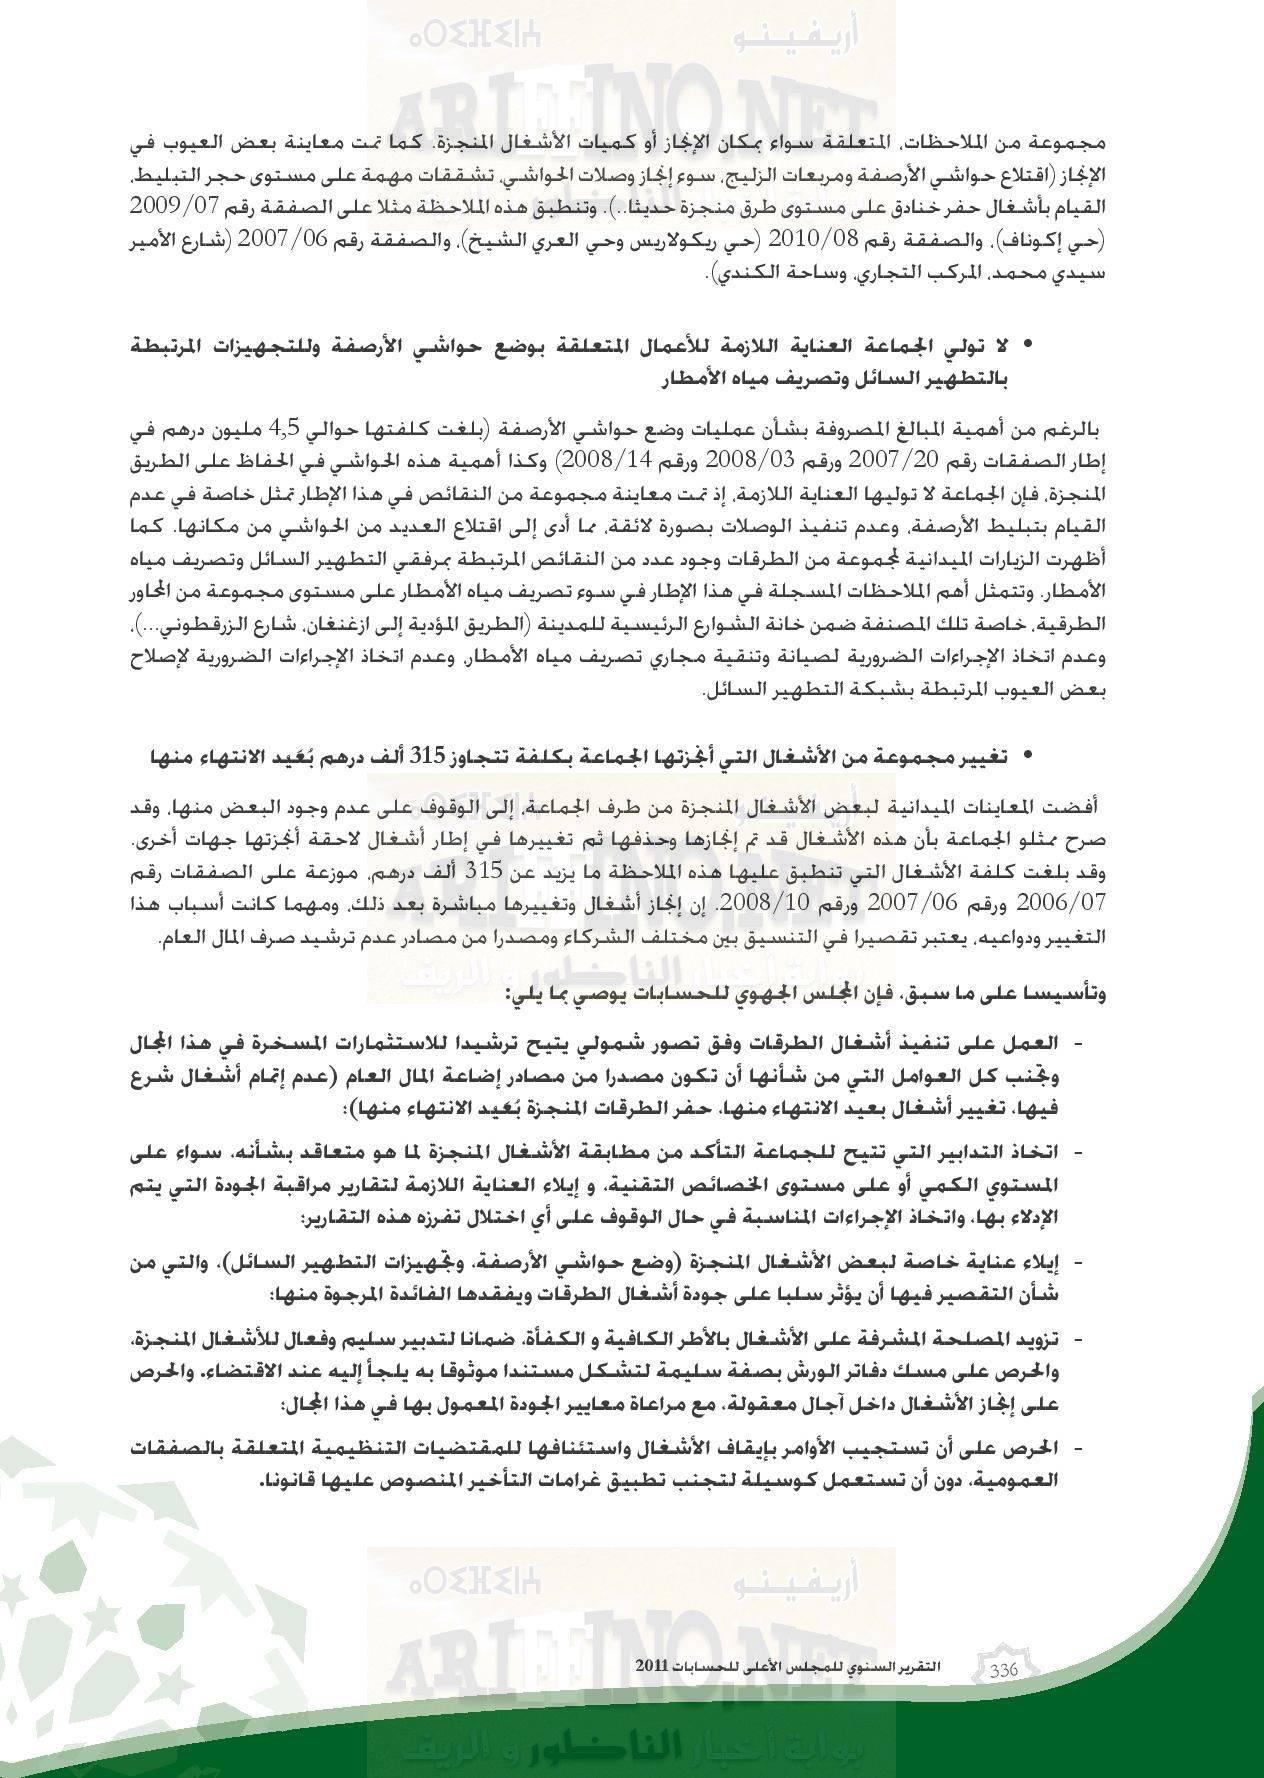 nador_0062 تقرير المجلس الاعلى للحسابات: بلدية الناظور تعيش إختلالات و عشوائية و عاجزة عن القيام بمهامها